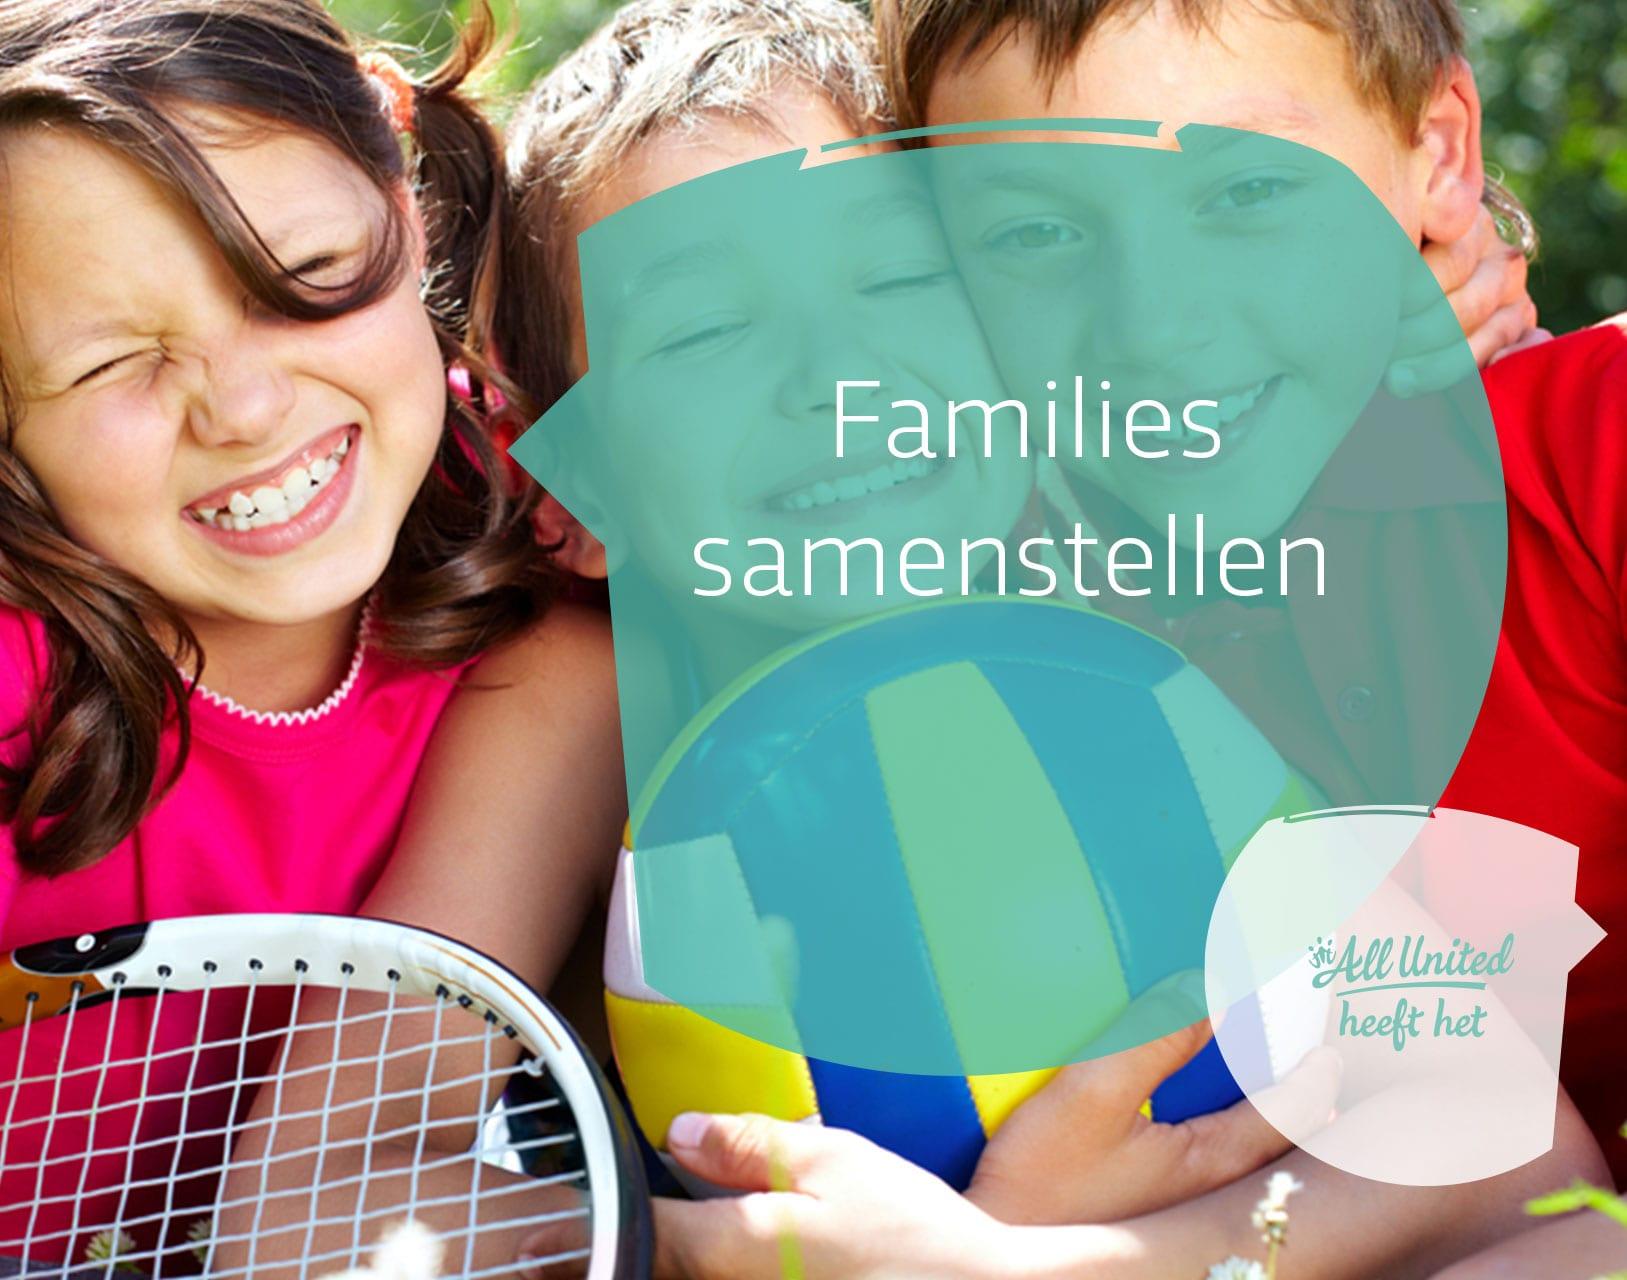 Families samenstellen